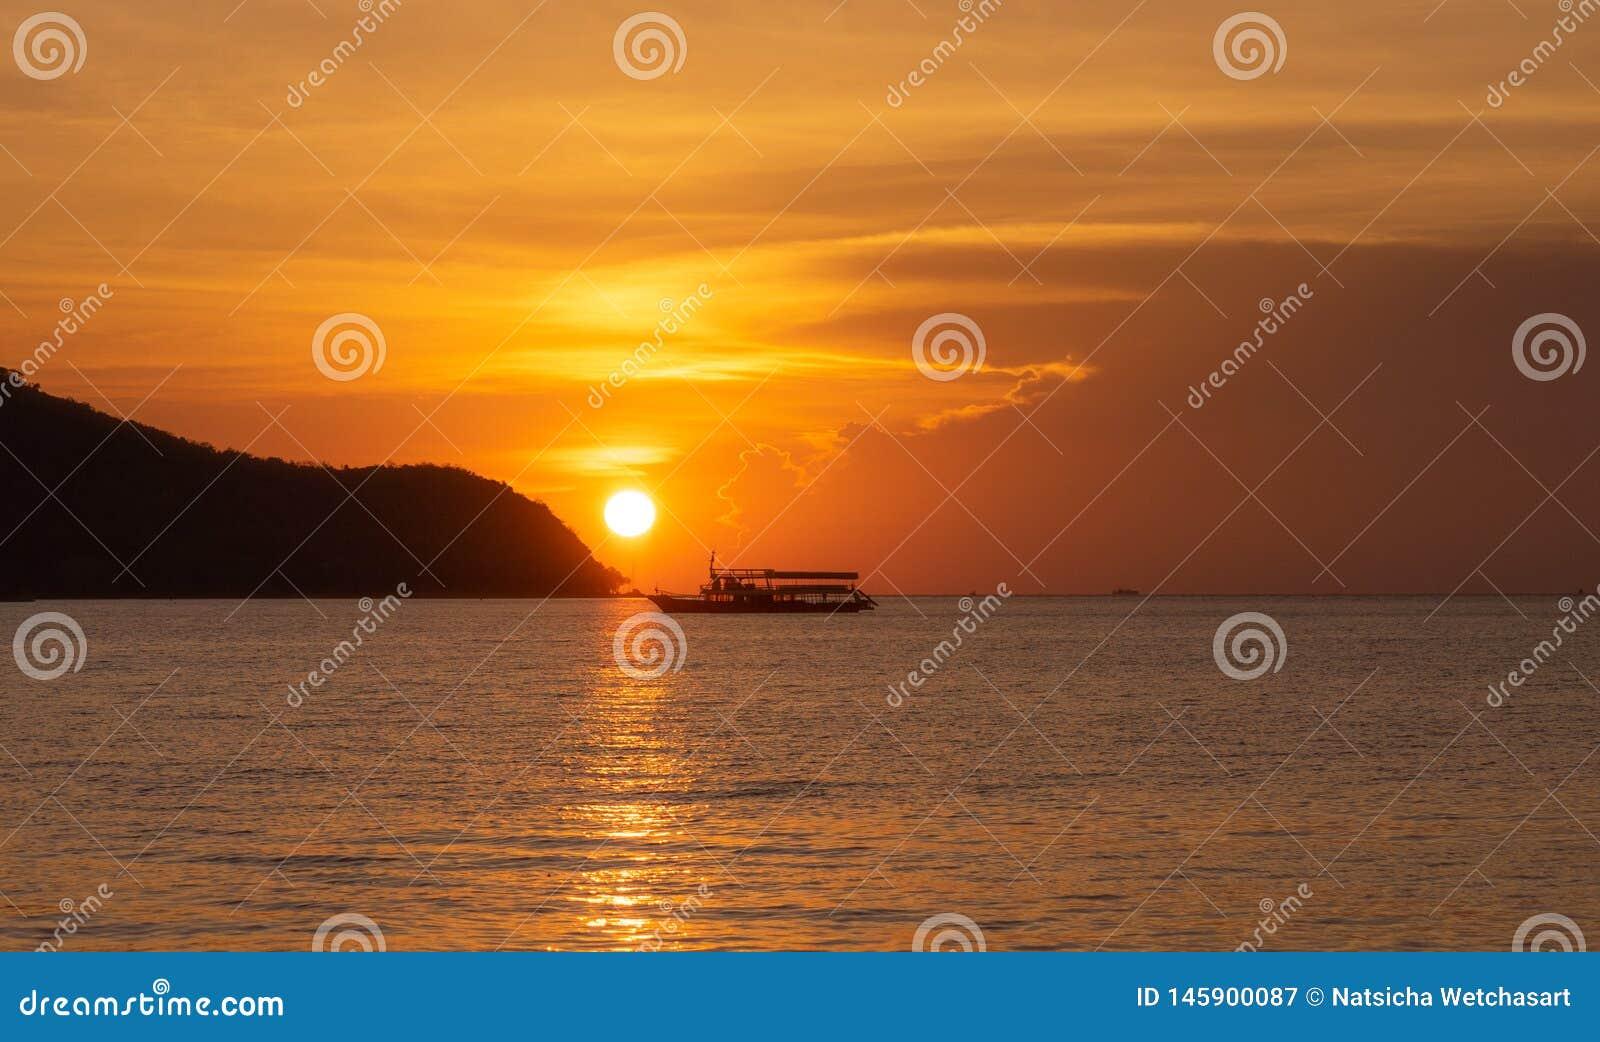 Η βάρκα ψαράδων σκιαγραφιών που επιπλέει στη θάλασσα κατά τη διάρκεια του χρυσού ηλιοβασιλέματος με τον ήλιο απεικονίζει στο νερό